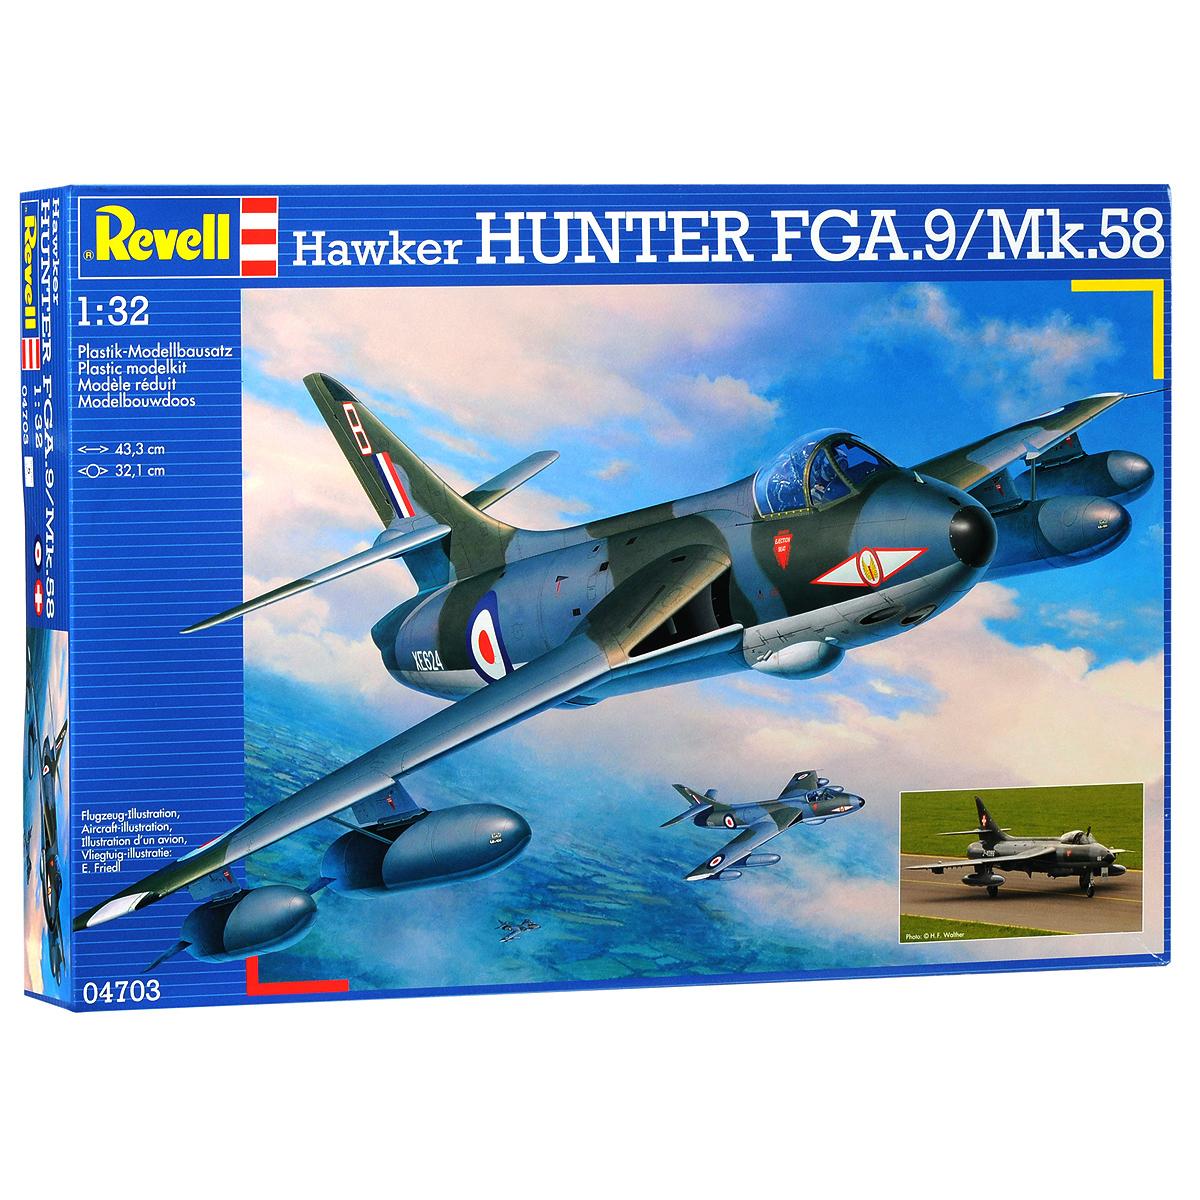 Сборная модель Revell Самолет-перехватчик Hawker Hunter FGA.9/Mk.5804703Сборная модель Revell Самолет-перехватчик Hawker Hunter FGA.9/Mk.58 поможет вам и вашему ребенку придумать увлекательное занятие на долгое время. Набор включает в себя 207 пластиковых элементов, из которых можно собрать достоверную уменьшенную копию одноименного самолета. Сборная модель британского истребителя-бомбардировщика Hawker Hunter состоял на вооружении Королевских ВВС в 1950-1960-х годах, широко экспортировался и принимал участие во множестве вооружённых конфликтов. Также в наборе схематичная инструкция по сборке. Процесс сборки развивает интеллектуальные и инструментальные способности, воображение и конструктивное мышление, а также прививает практические навыки работы со схемами и чертежами. Уровень сложности: 5. УВАЖАЕМЫЕ КЛИЕНТЫ! Обращаем ваше внимание на тот факт, что для сборки этой модели клей и краски в комплект не входят. Клей и краски нужно покупать отдельно.